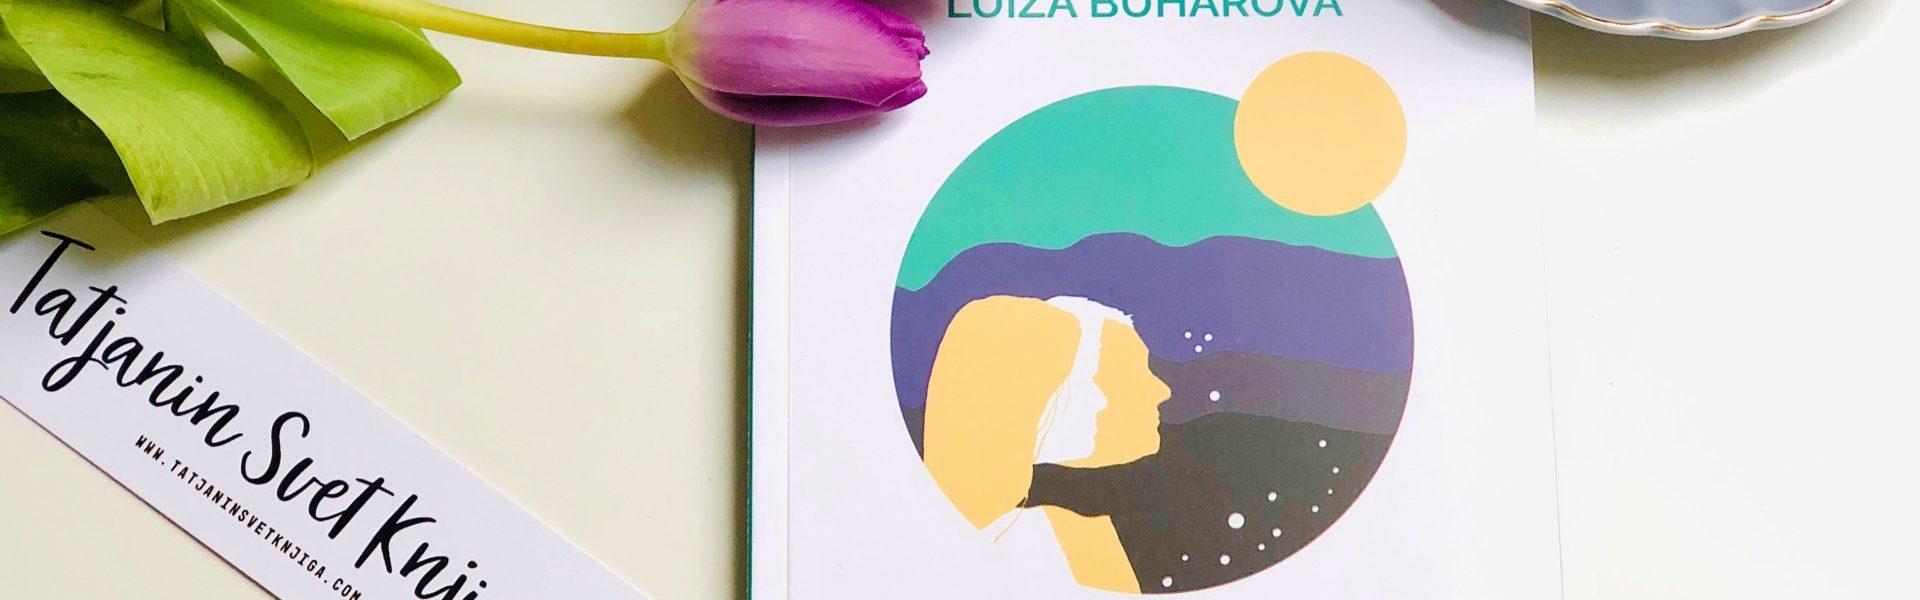 Luiza Buharova: Jesmo li to bili mi